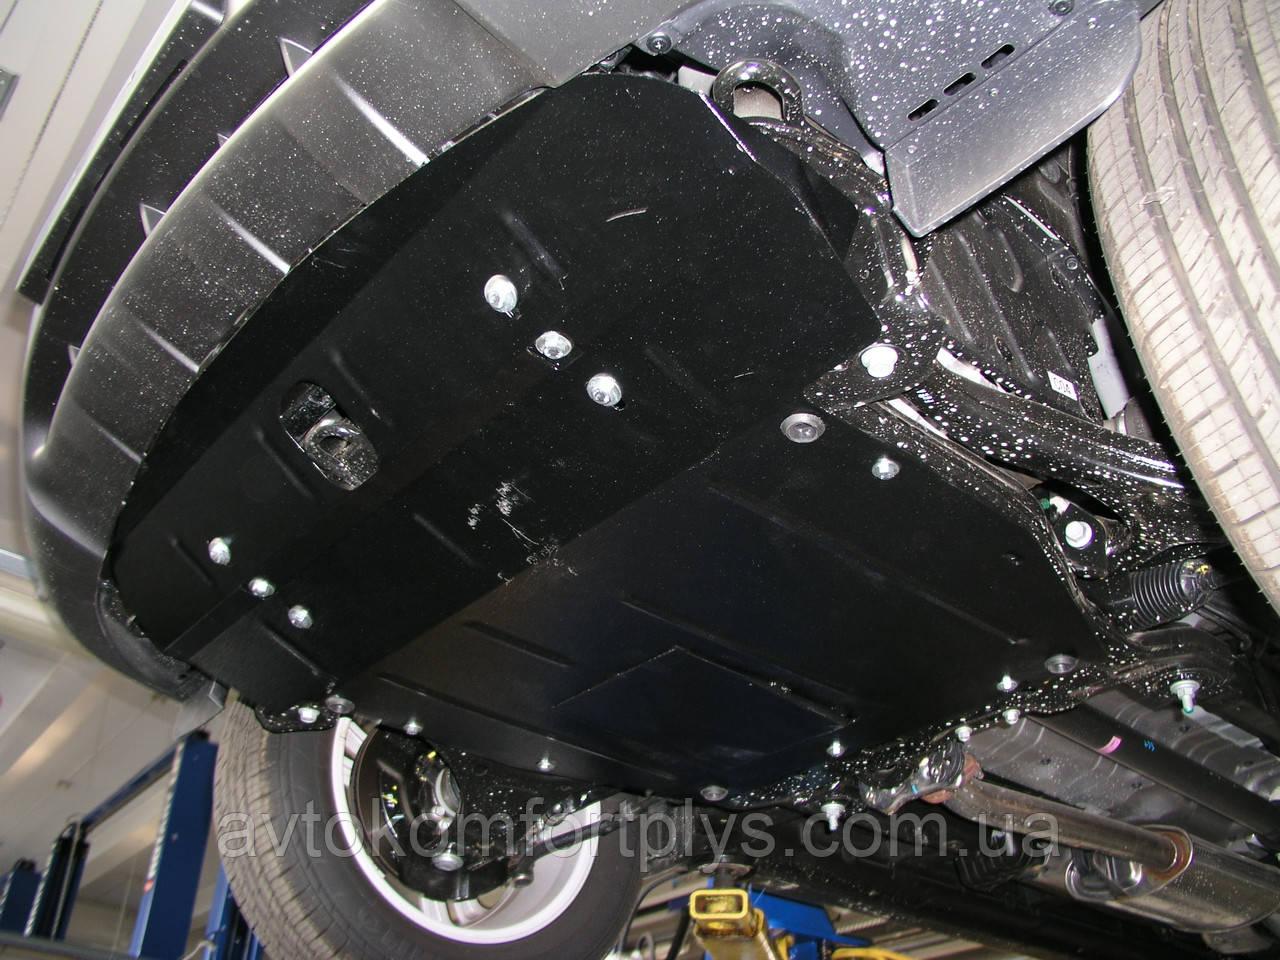 Металлическая (стальная) защита двигателя (картера) Hyundai Santa Fe (2006-2012) (все обьемы)